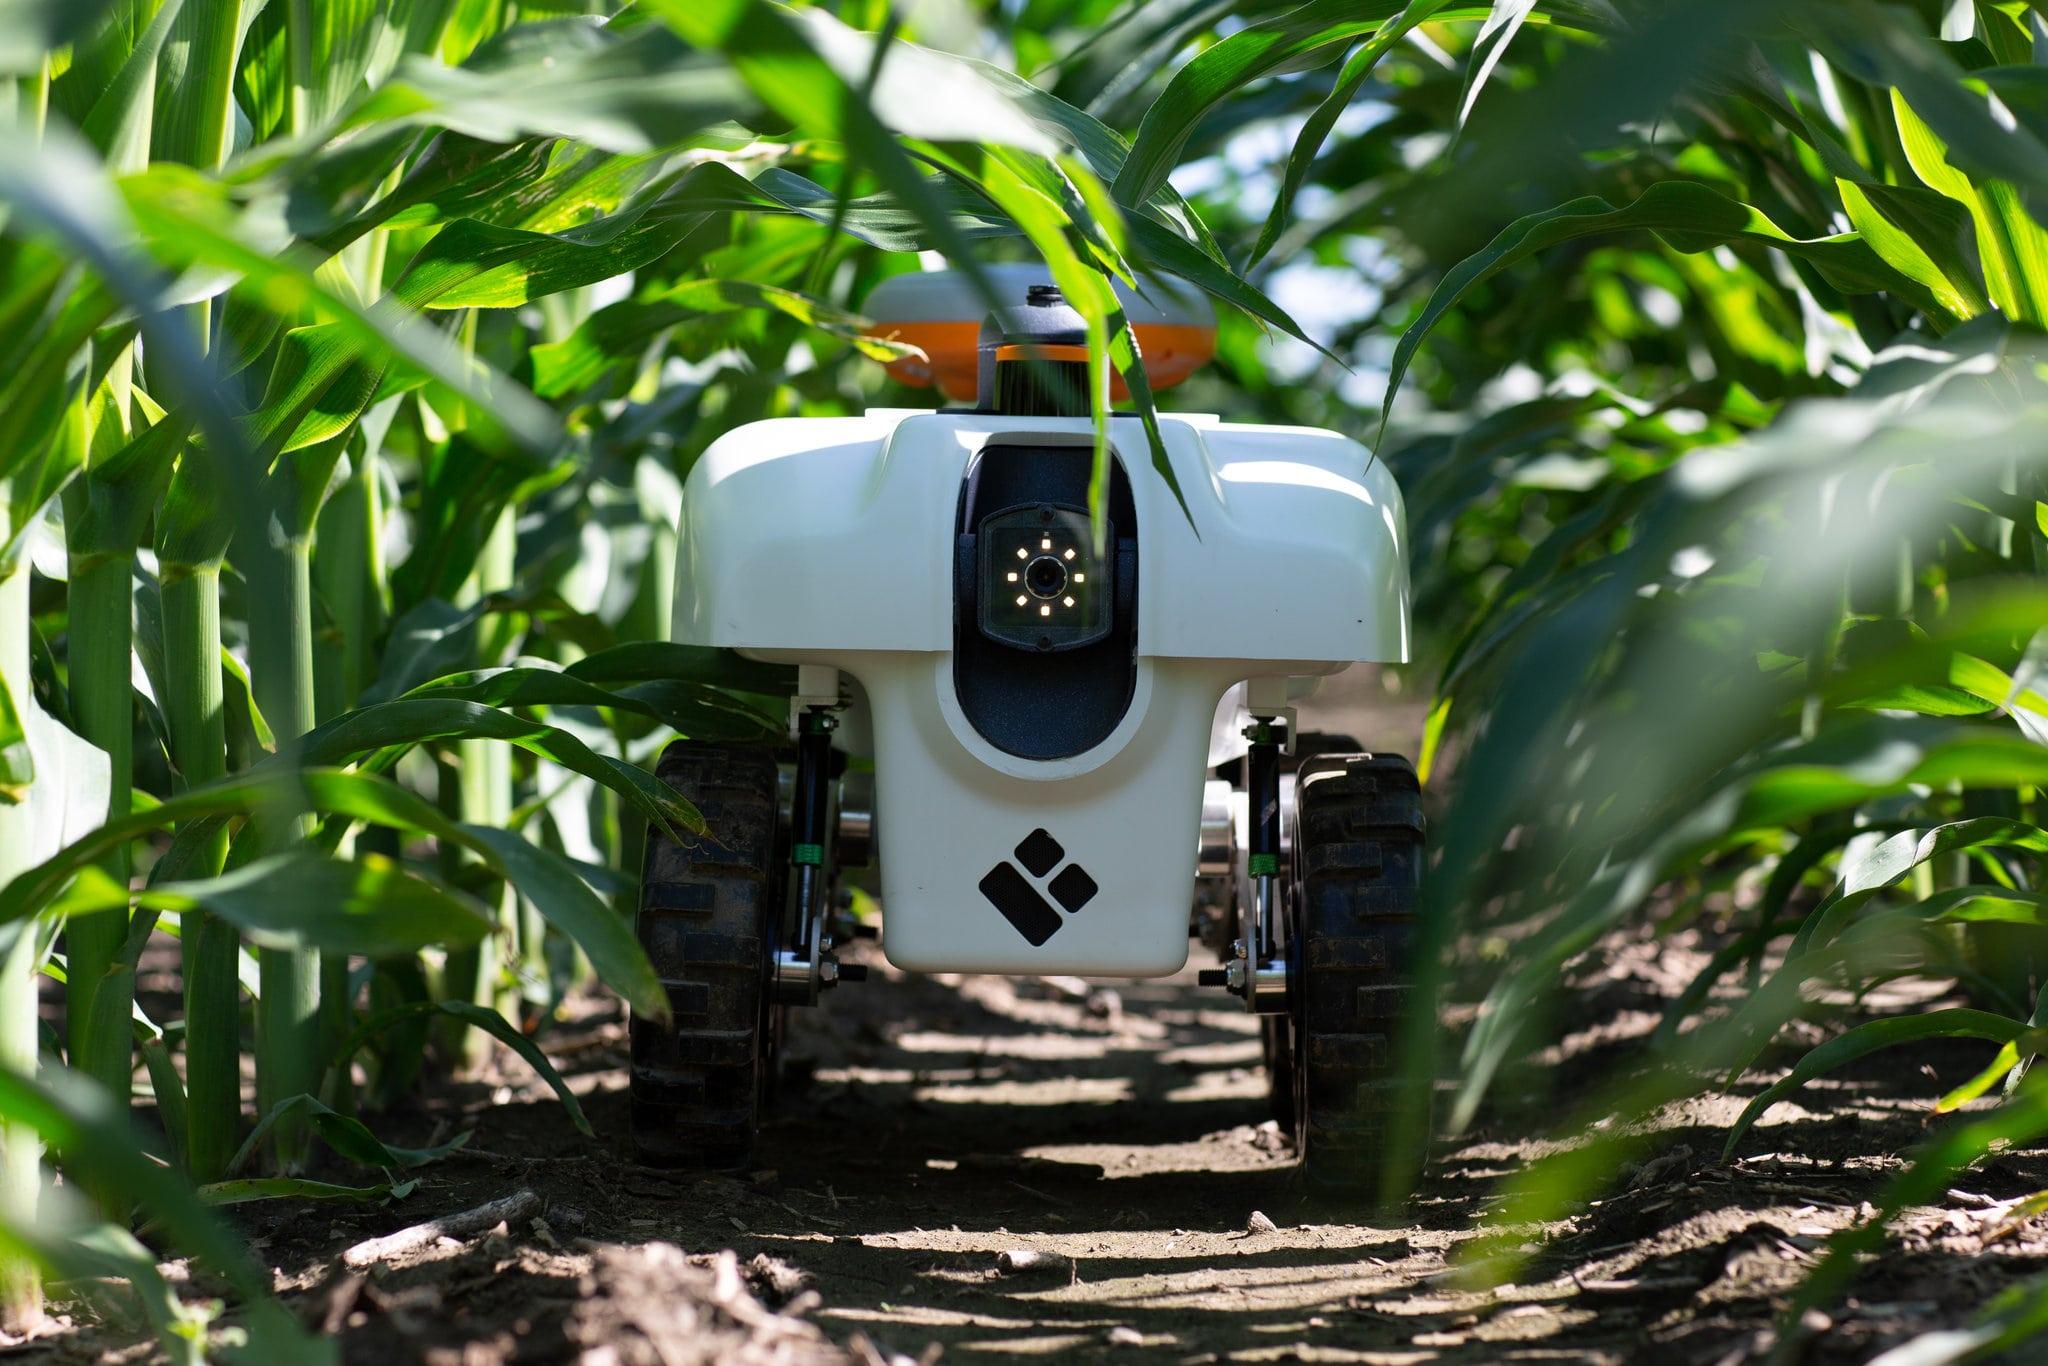 Dünyamızdaki kritik sektörlerden biri olan tarım, ilerleyen teknolojilere ayak uydurarak gelişmeye devam edecektir.